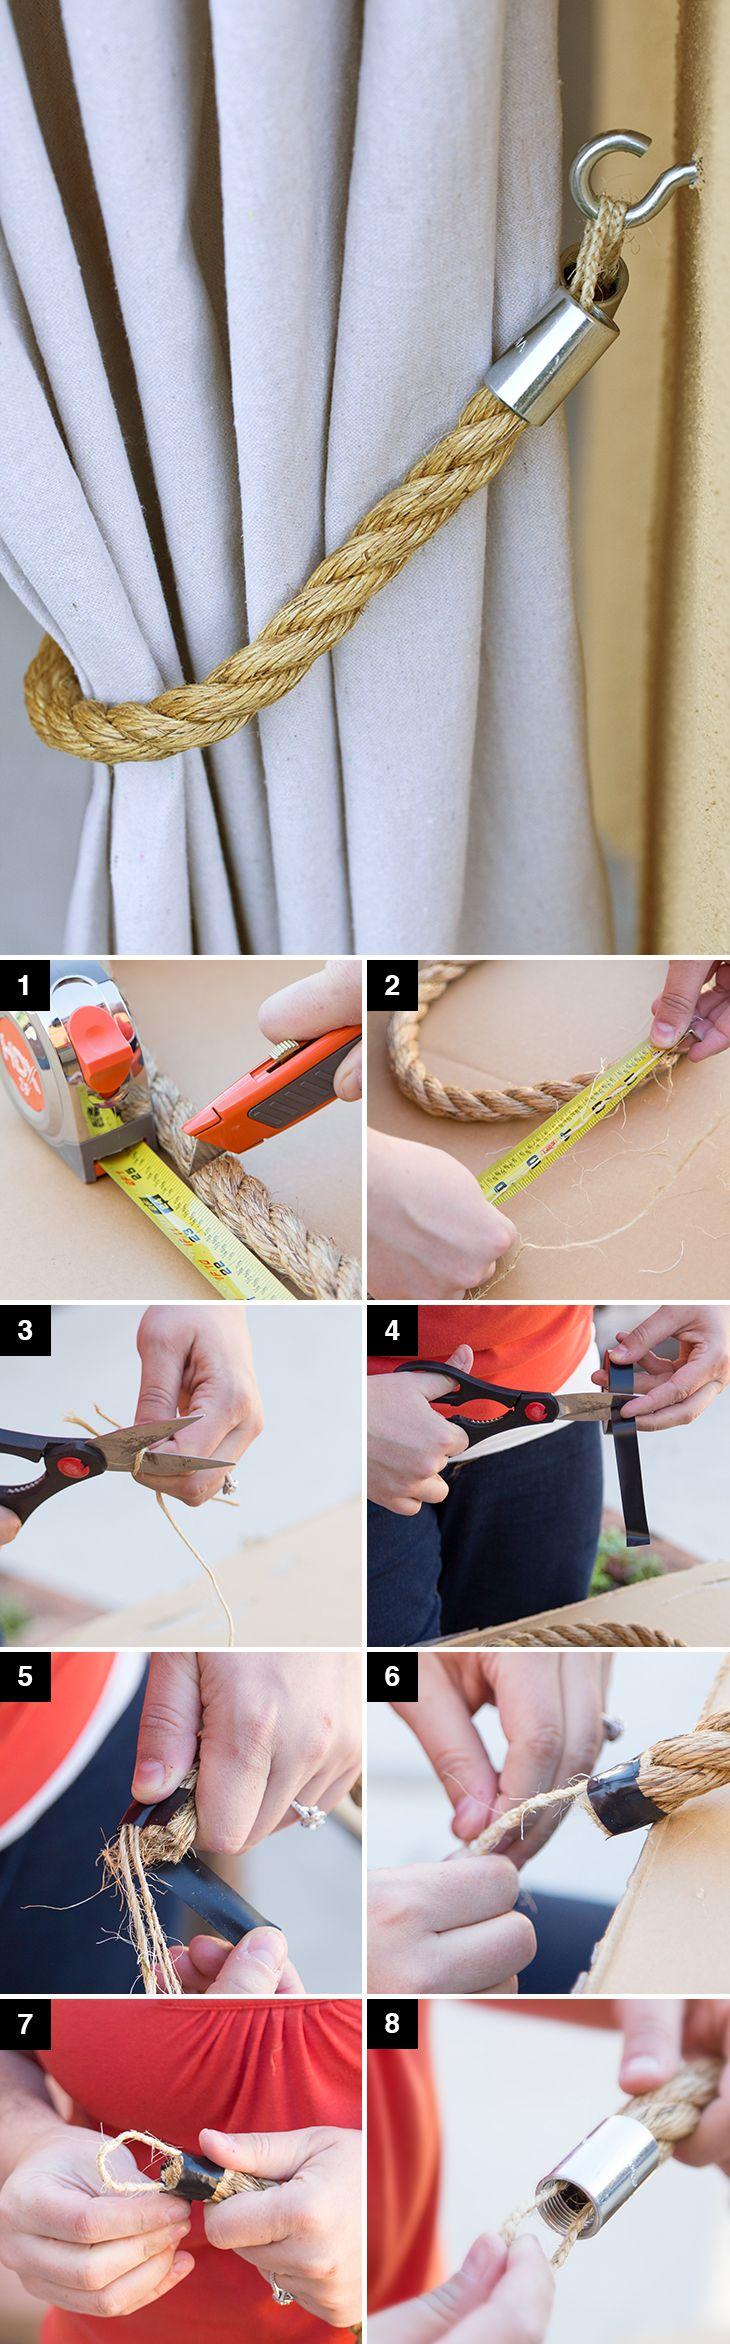 29 diy curtain tie backs ideas